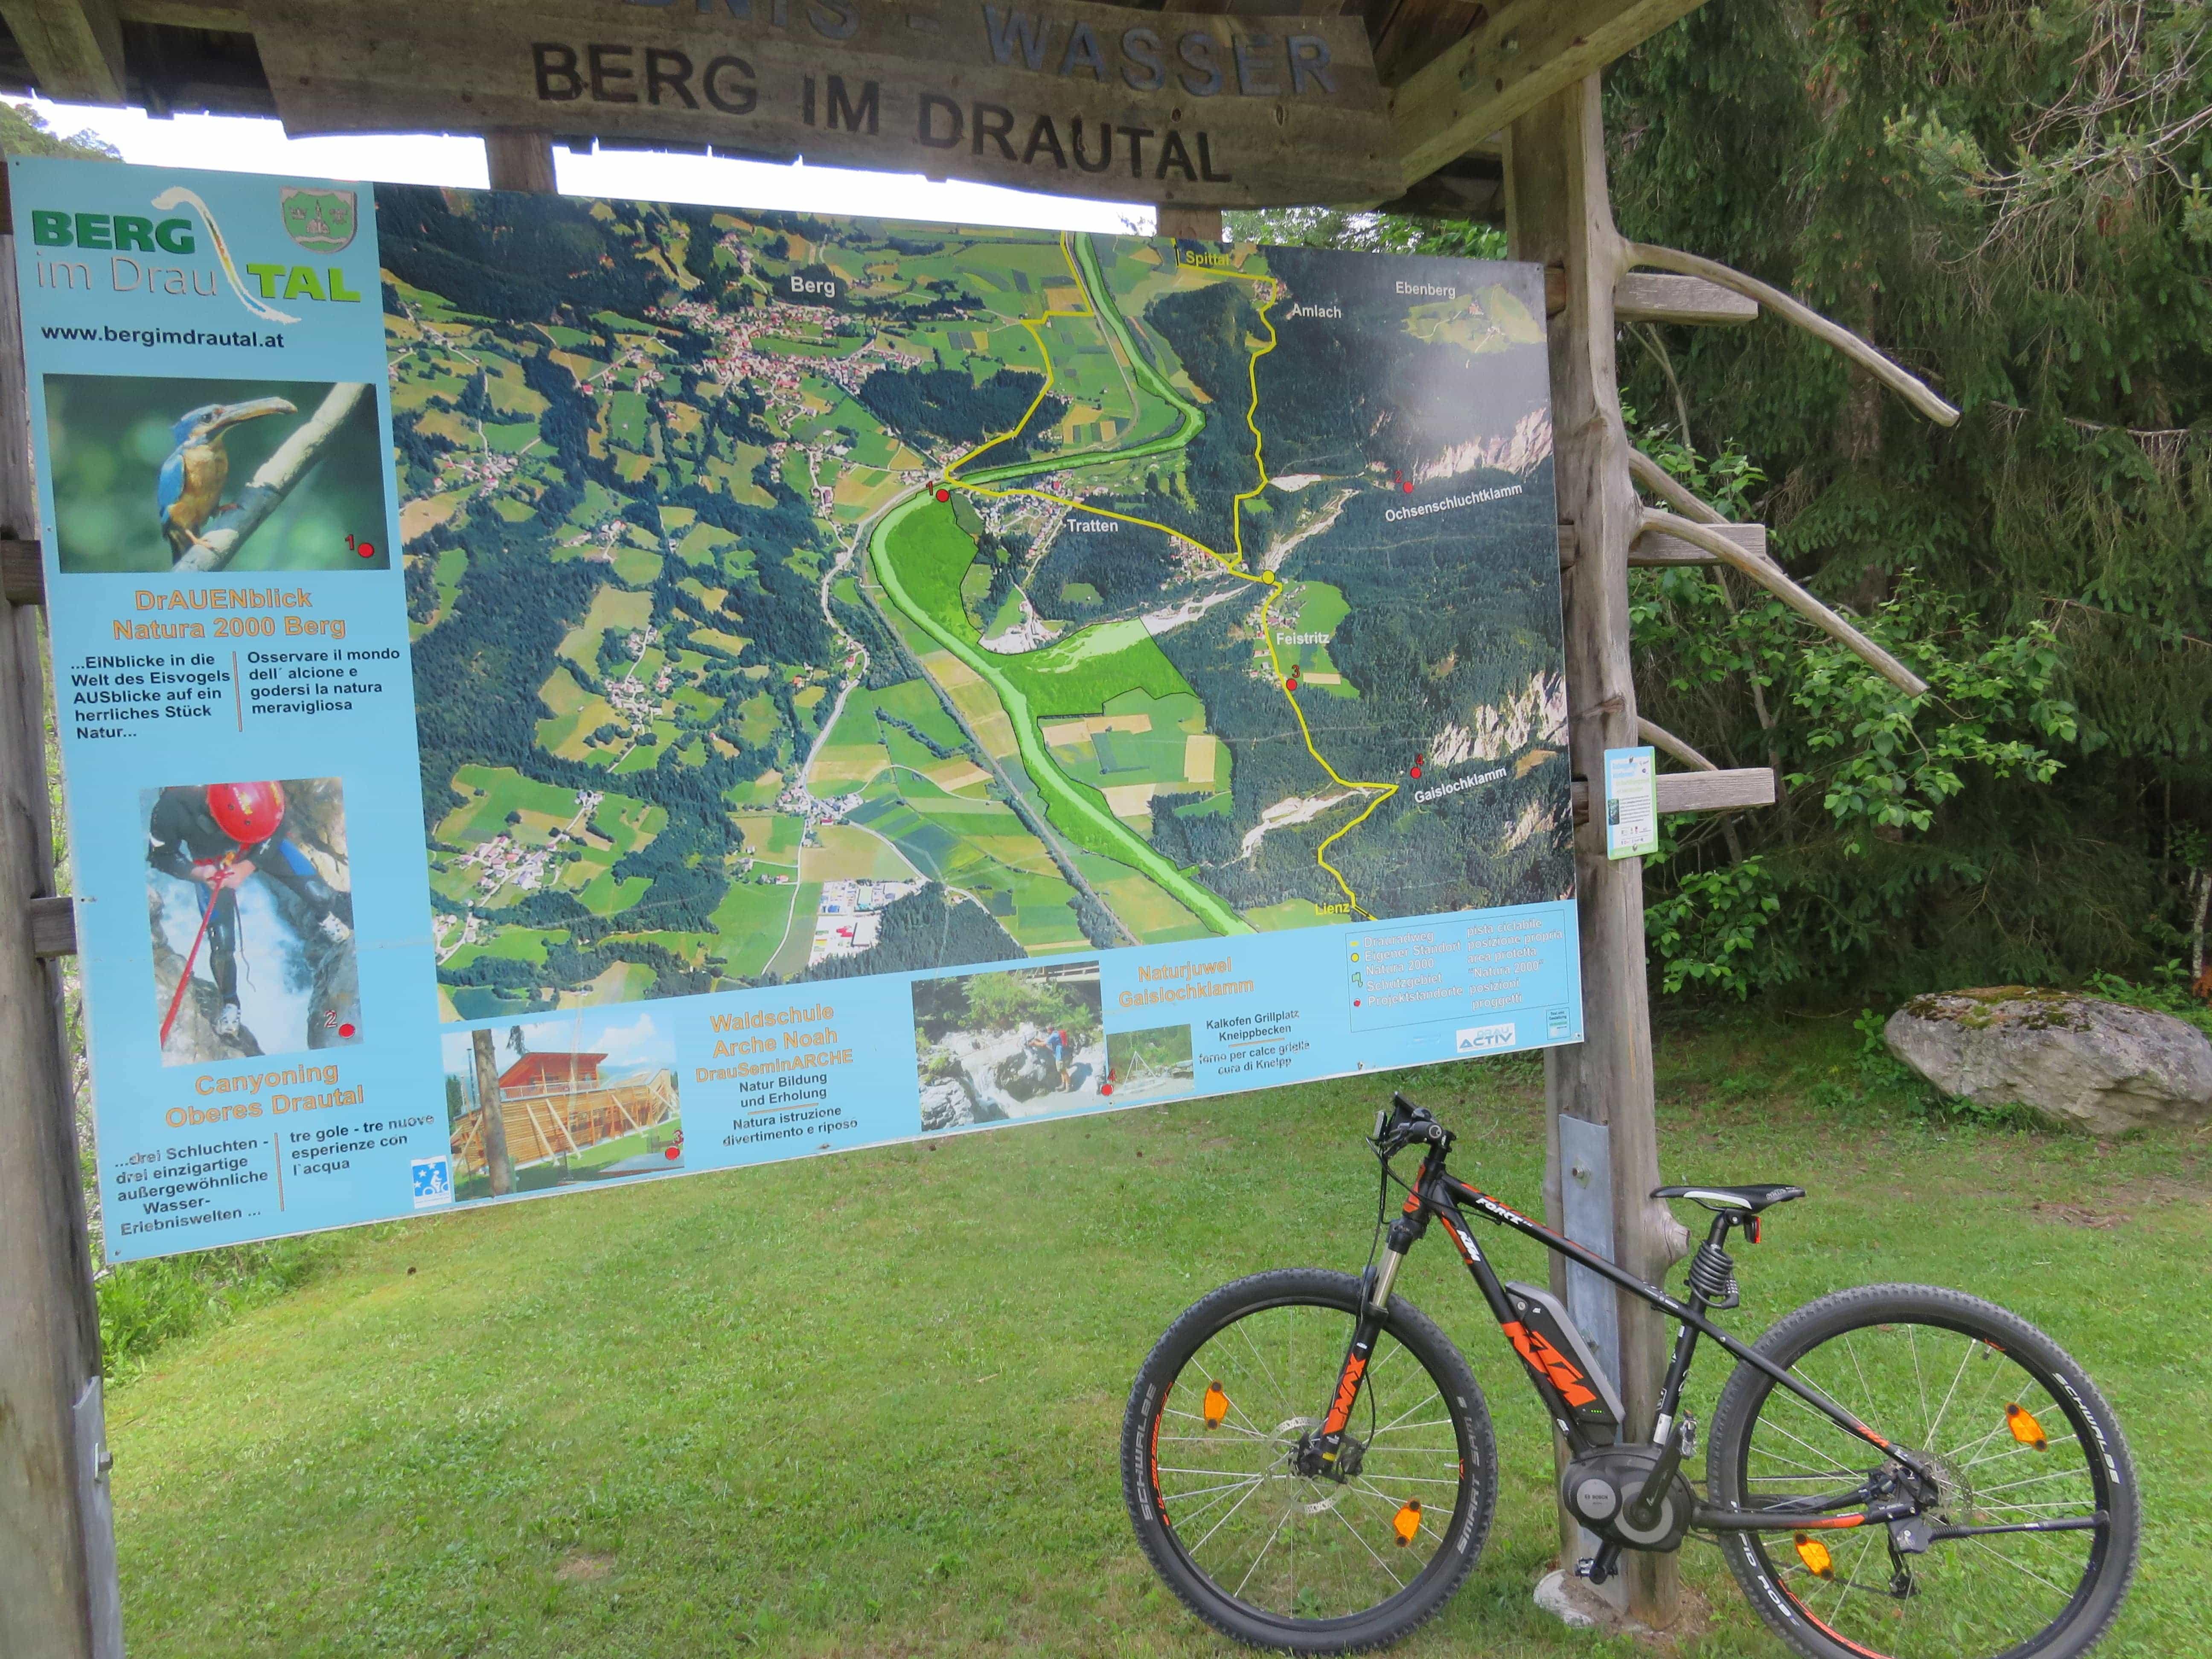 Drauradweg | Mountainbike Touren | Weissensee | Berg im Drautal